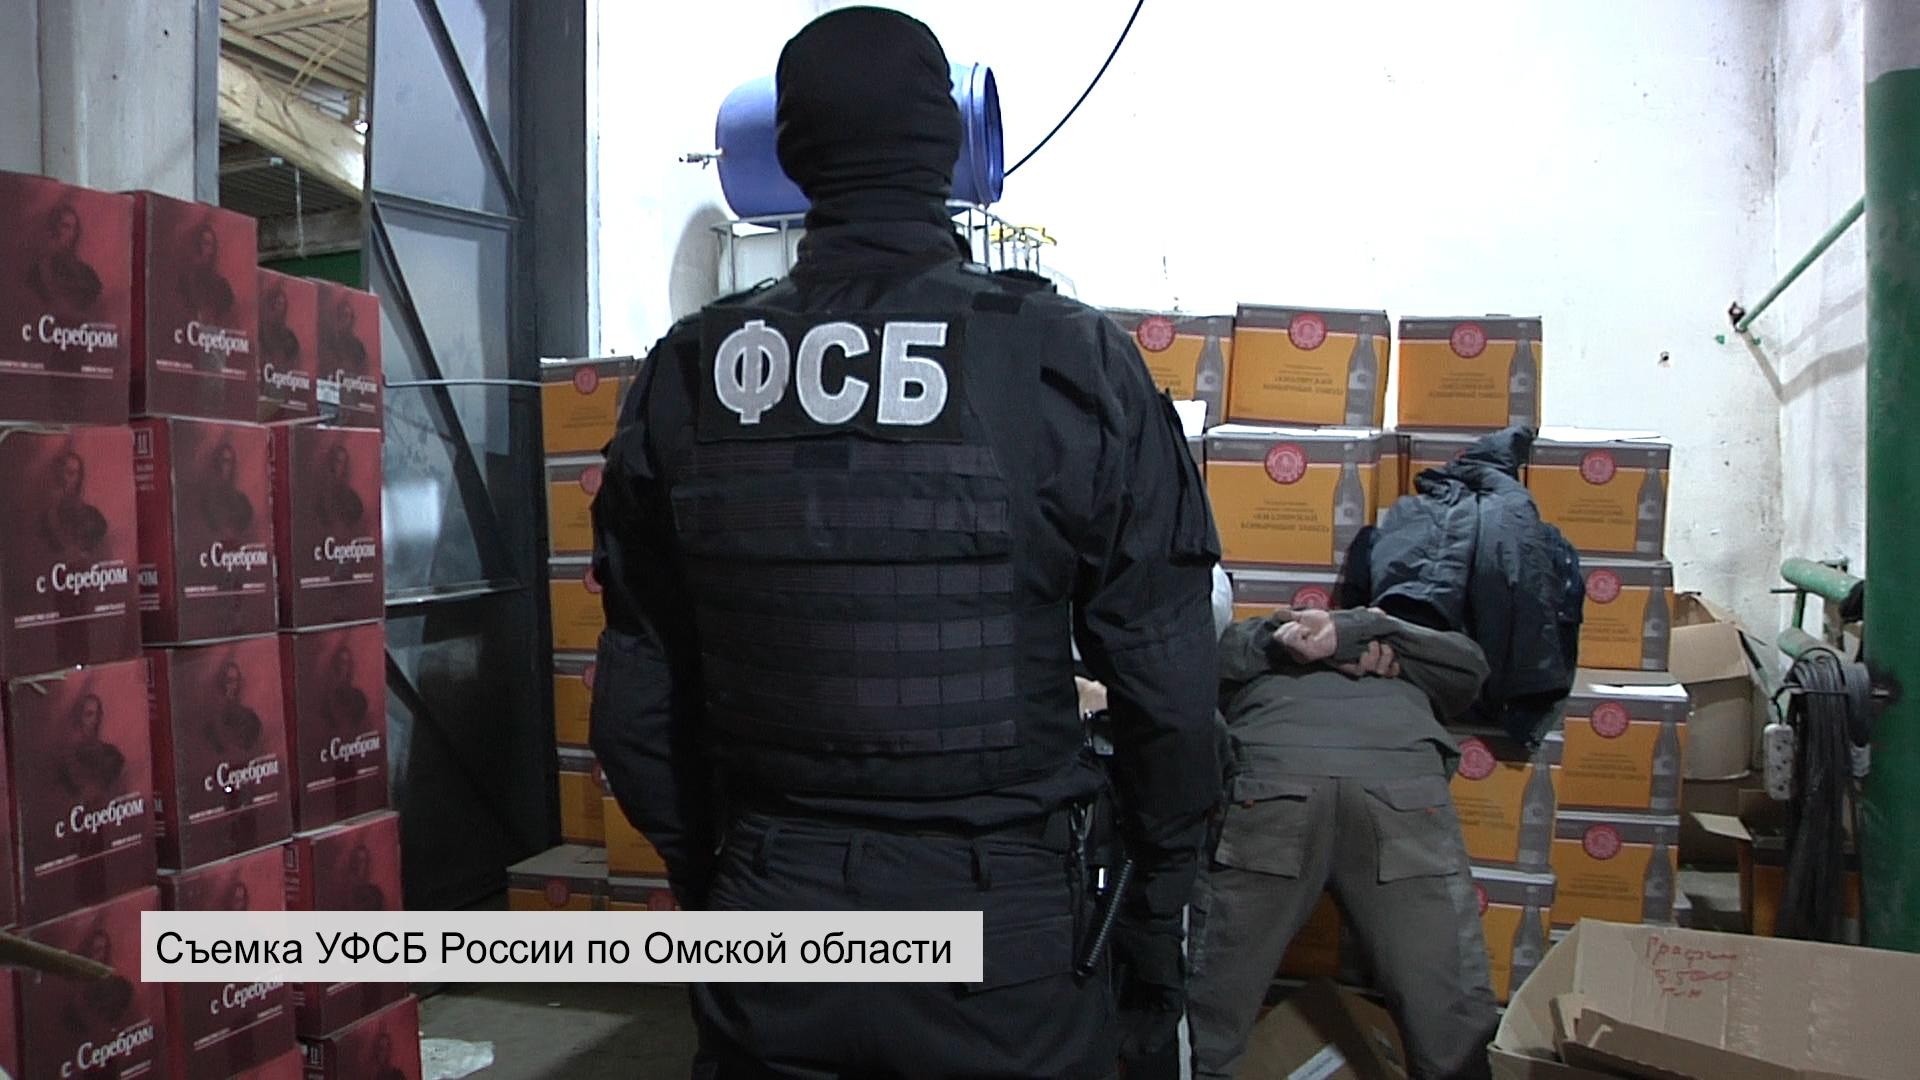 Омич доверился «сотруднику ФСБ» и потерял 400 тысяч #Омск #Общество #Сегодня